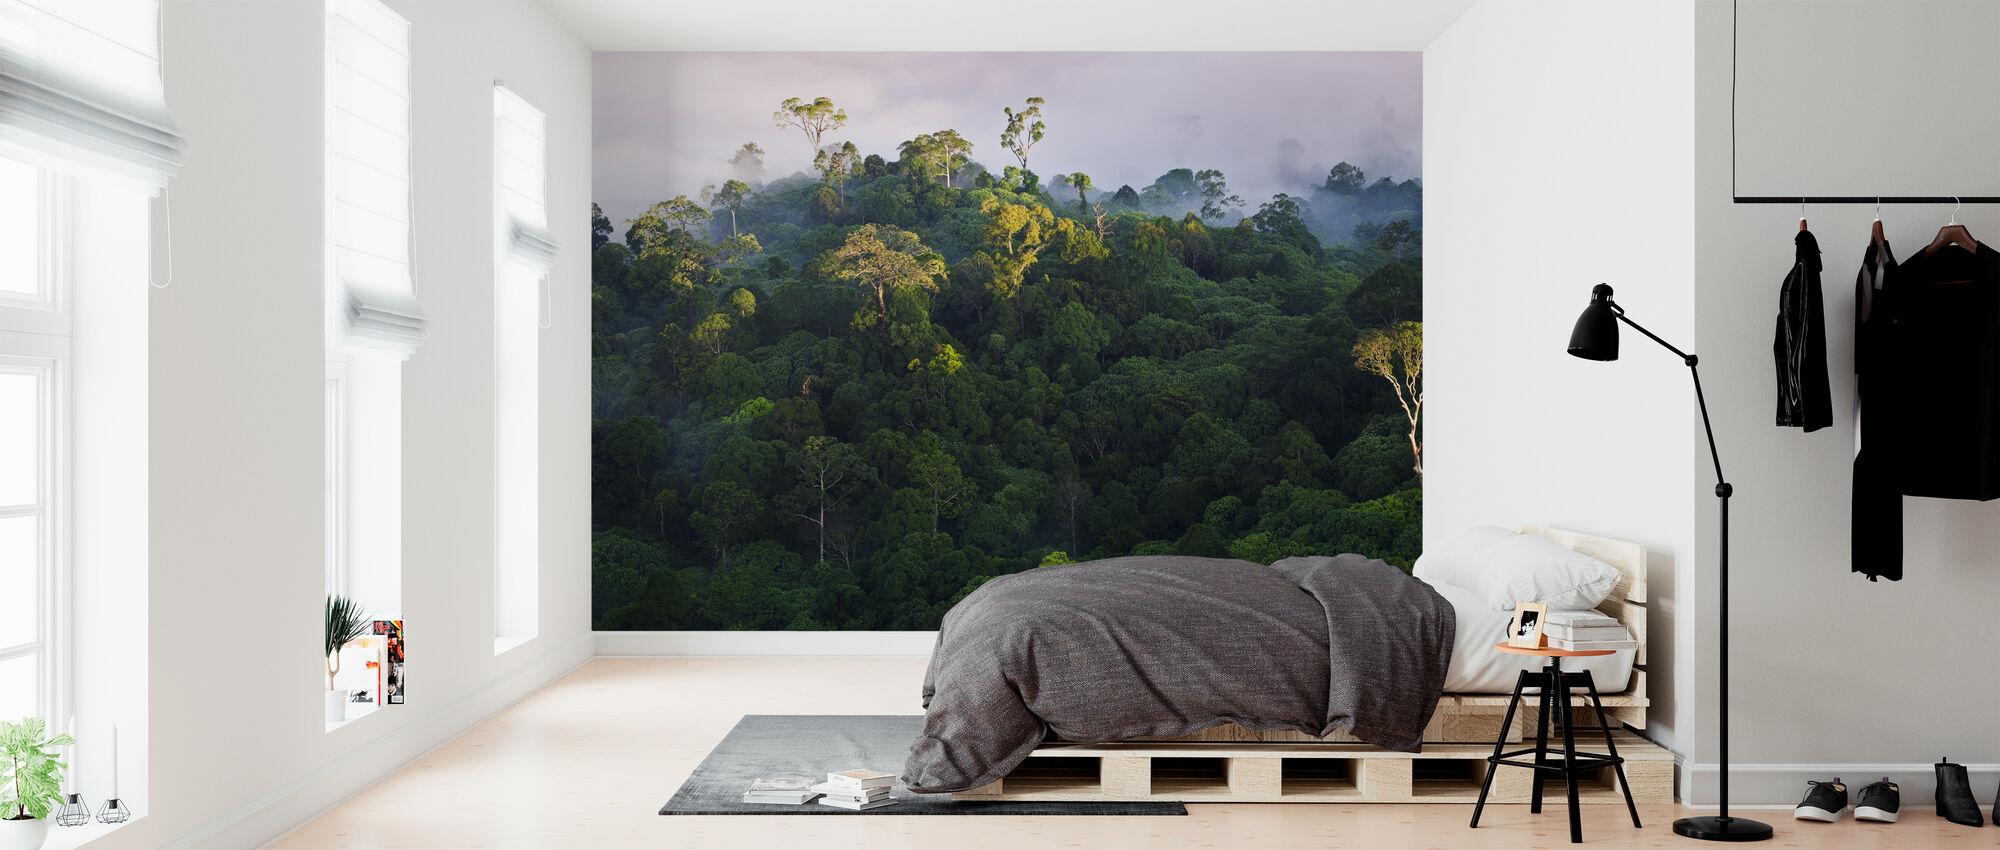 Sunrise at Lowland Rainforest - Wallpaper - Bedroom